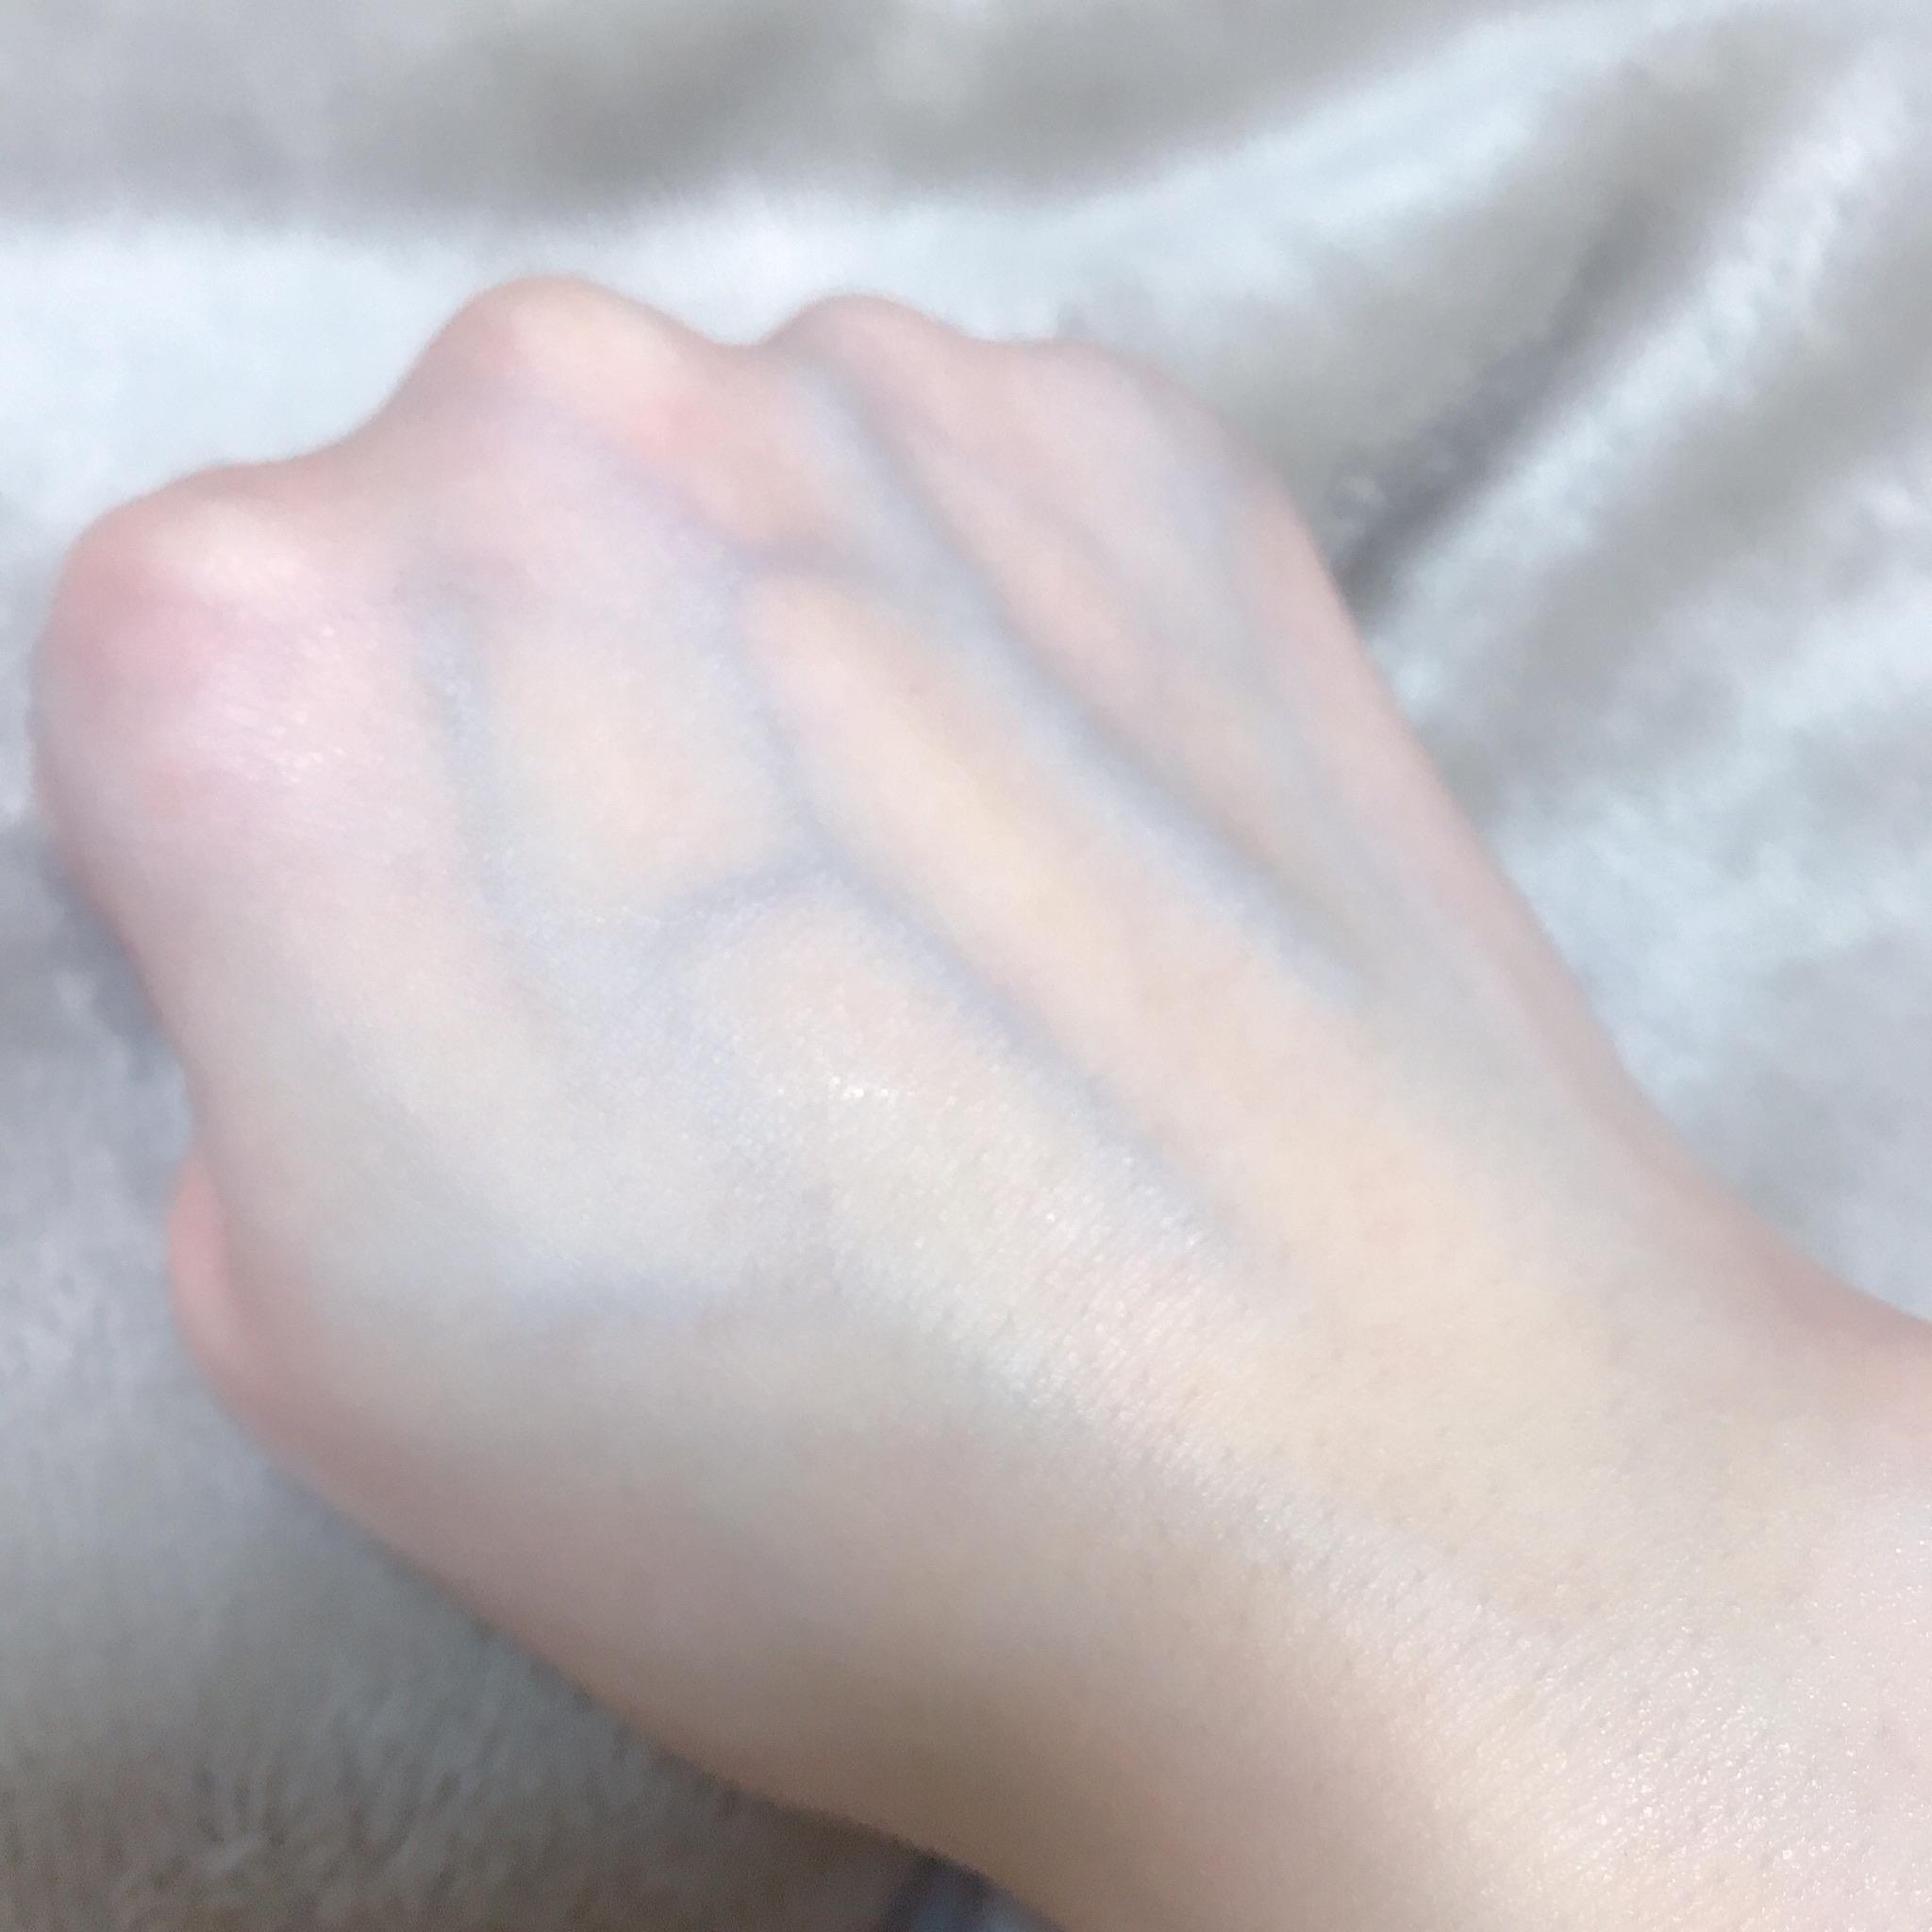 【メディヒール】ティーツリーケアソルーションアンプルマスクJEXはニキビ鎮静の効果あり❤︎_10